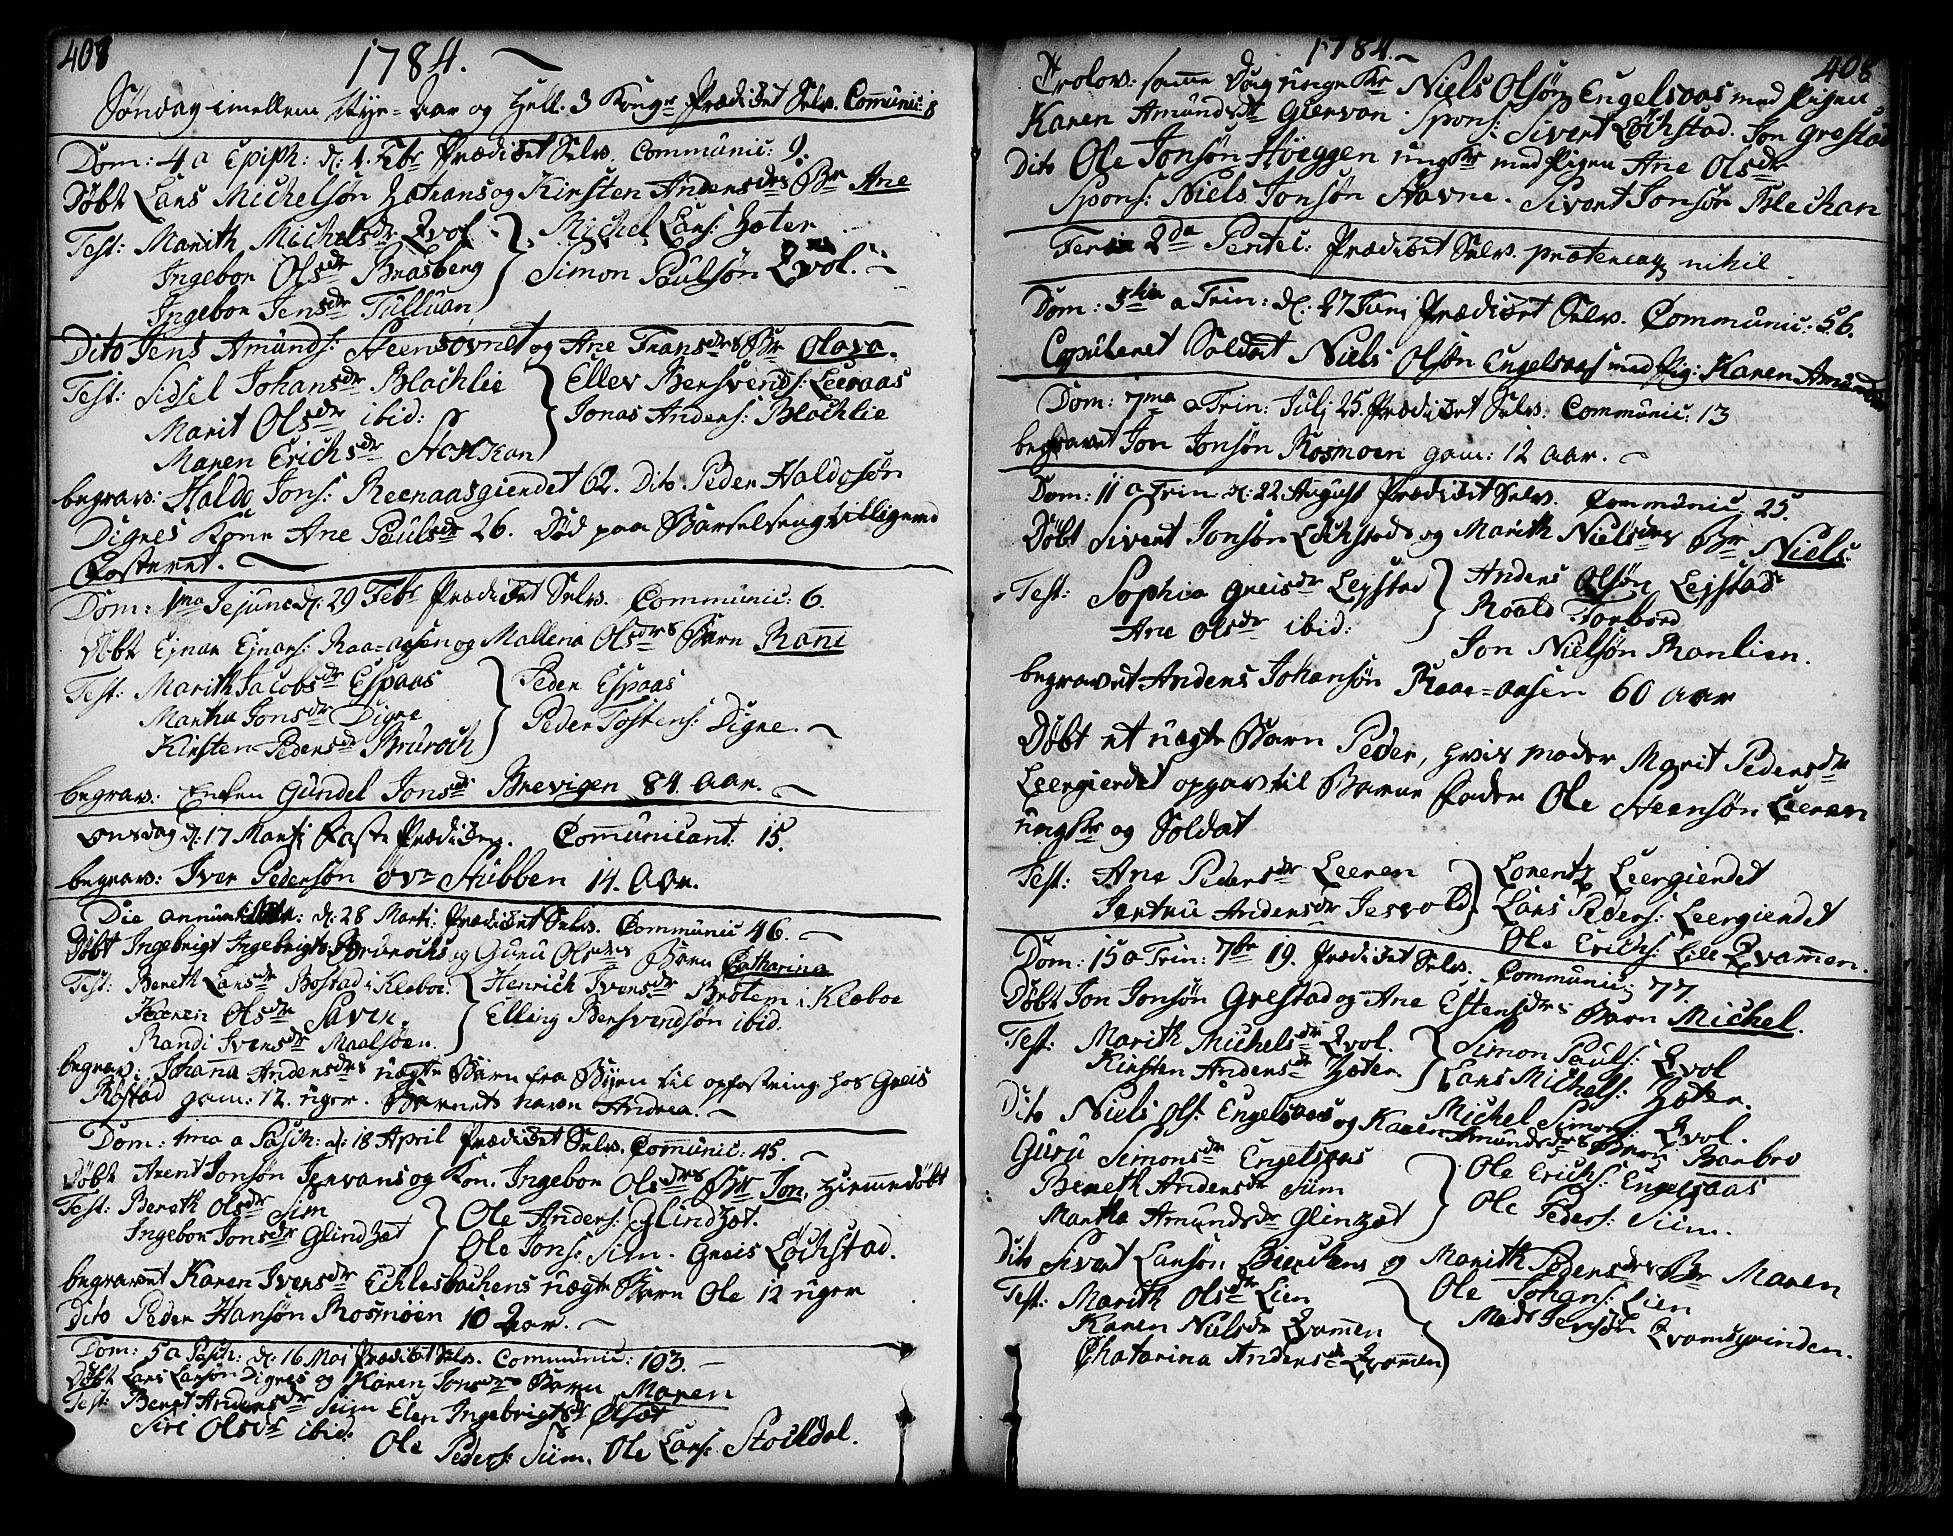 SAT, Ministerialprotokoller, klokkerbøker og fødselsregistre - Sør-Trøndelag, 606/L0282: Ministerialbok nr. 606A02 /3, 1781-1817, s. 407-408